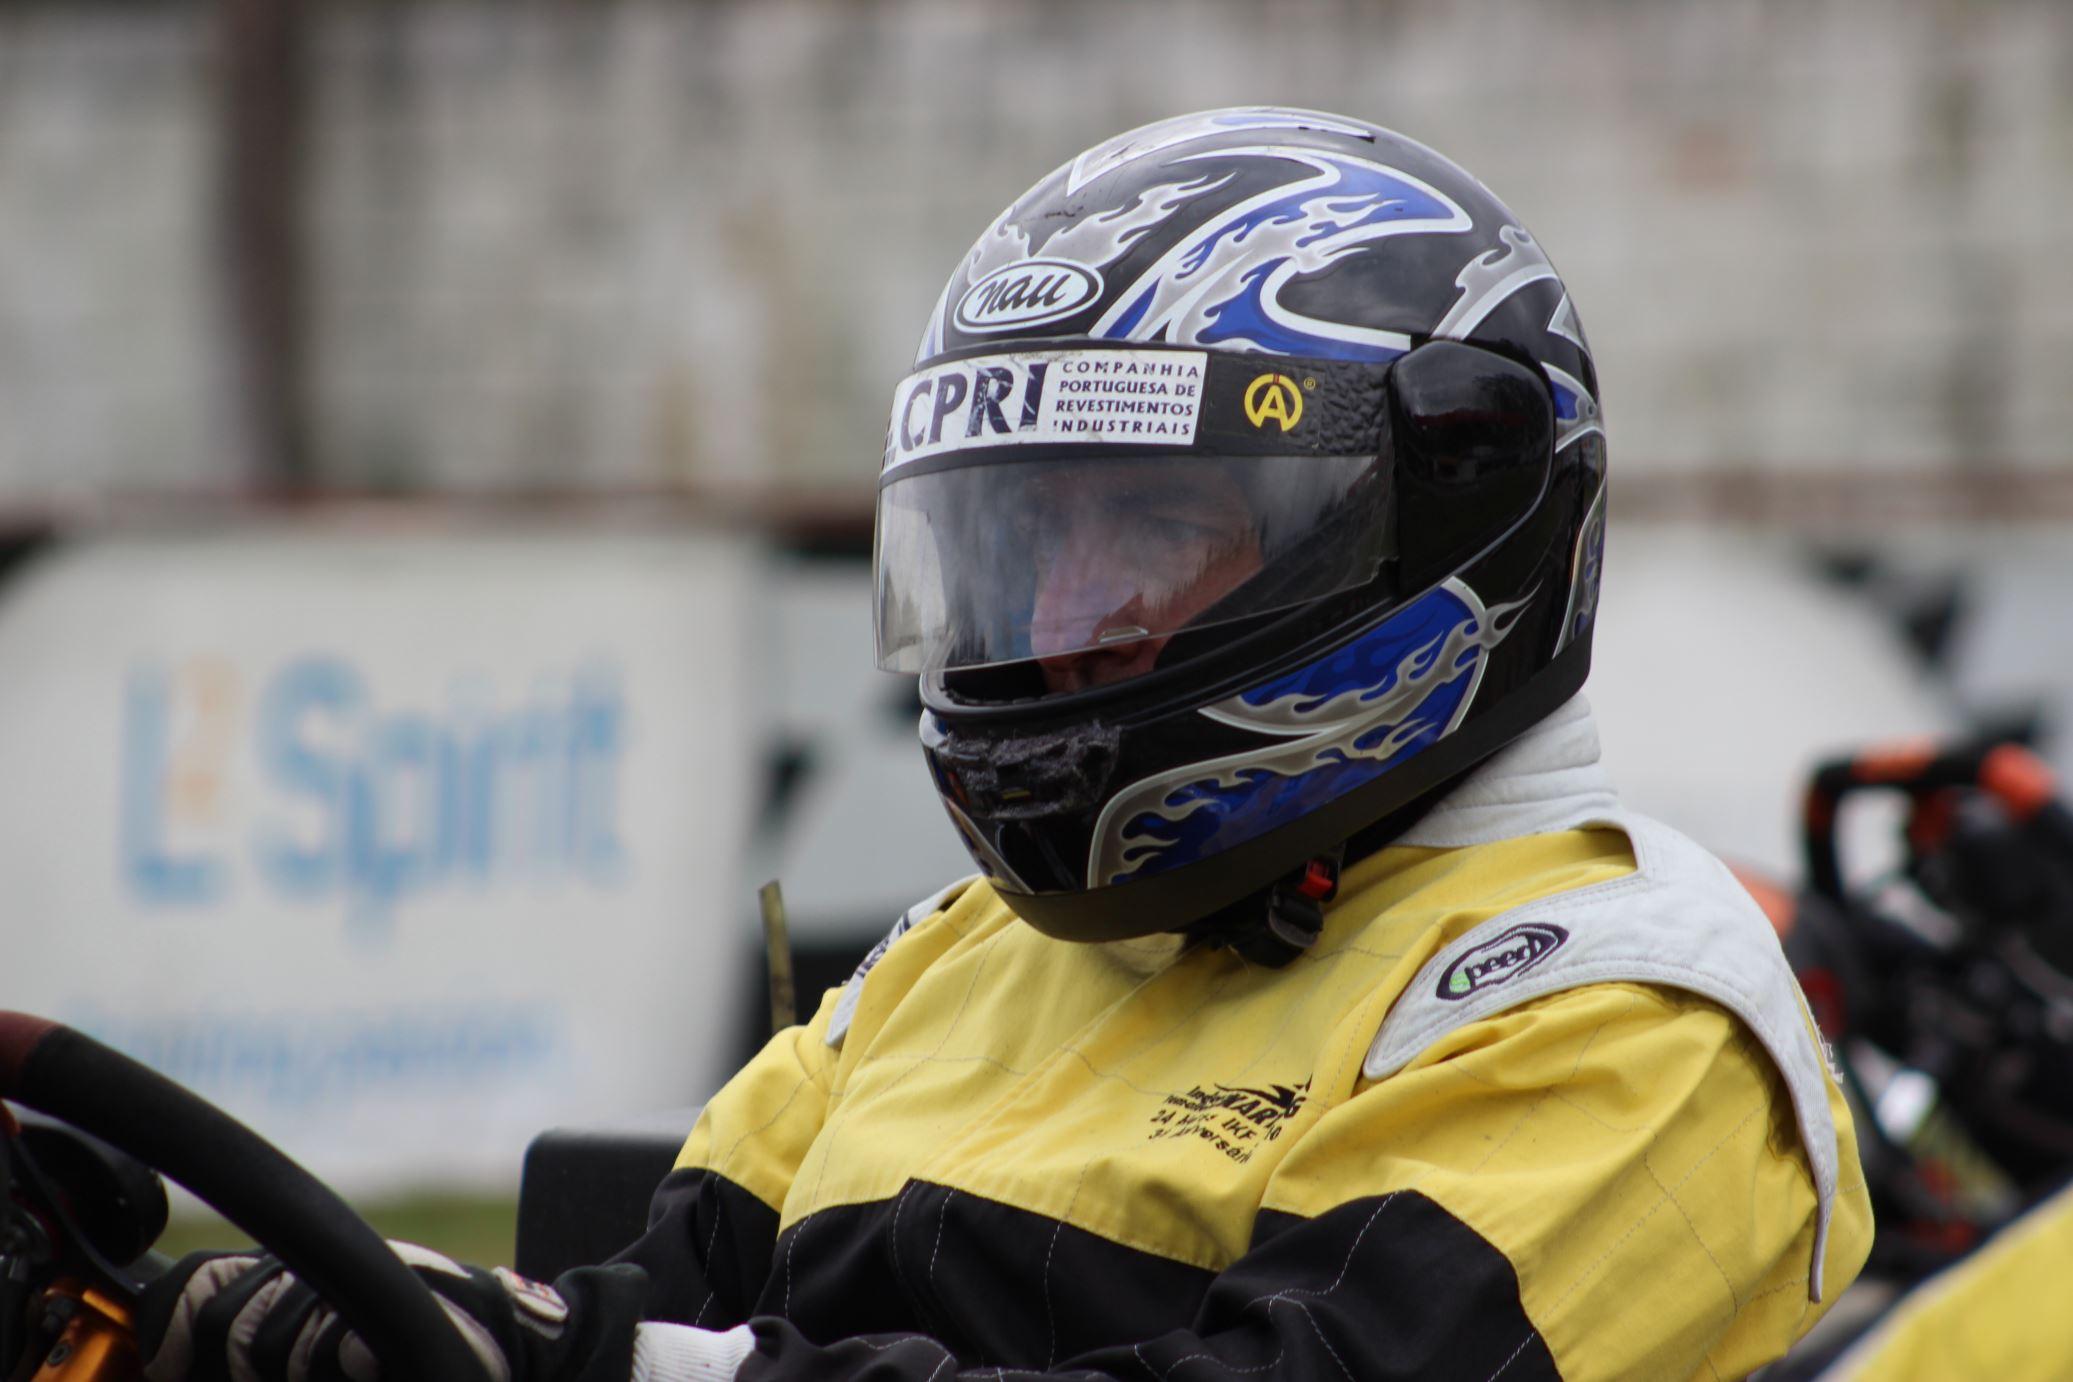 Troféu Honda 2014 - 5ª Prova132